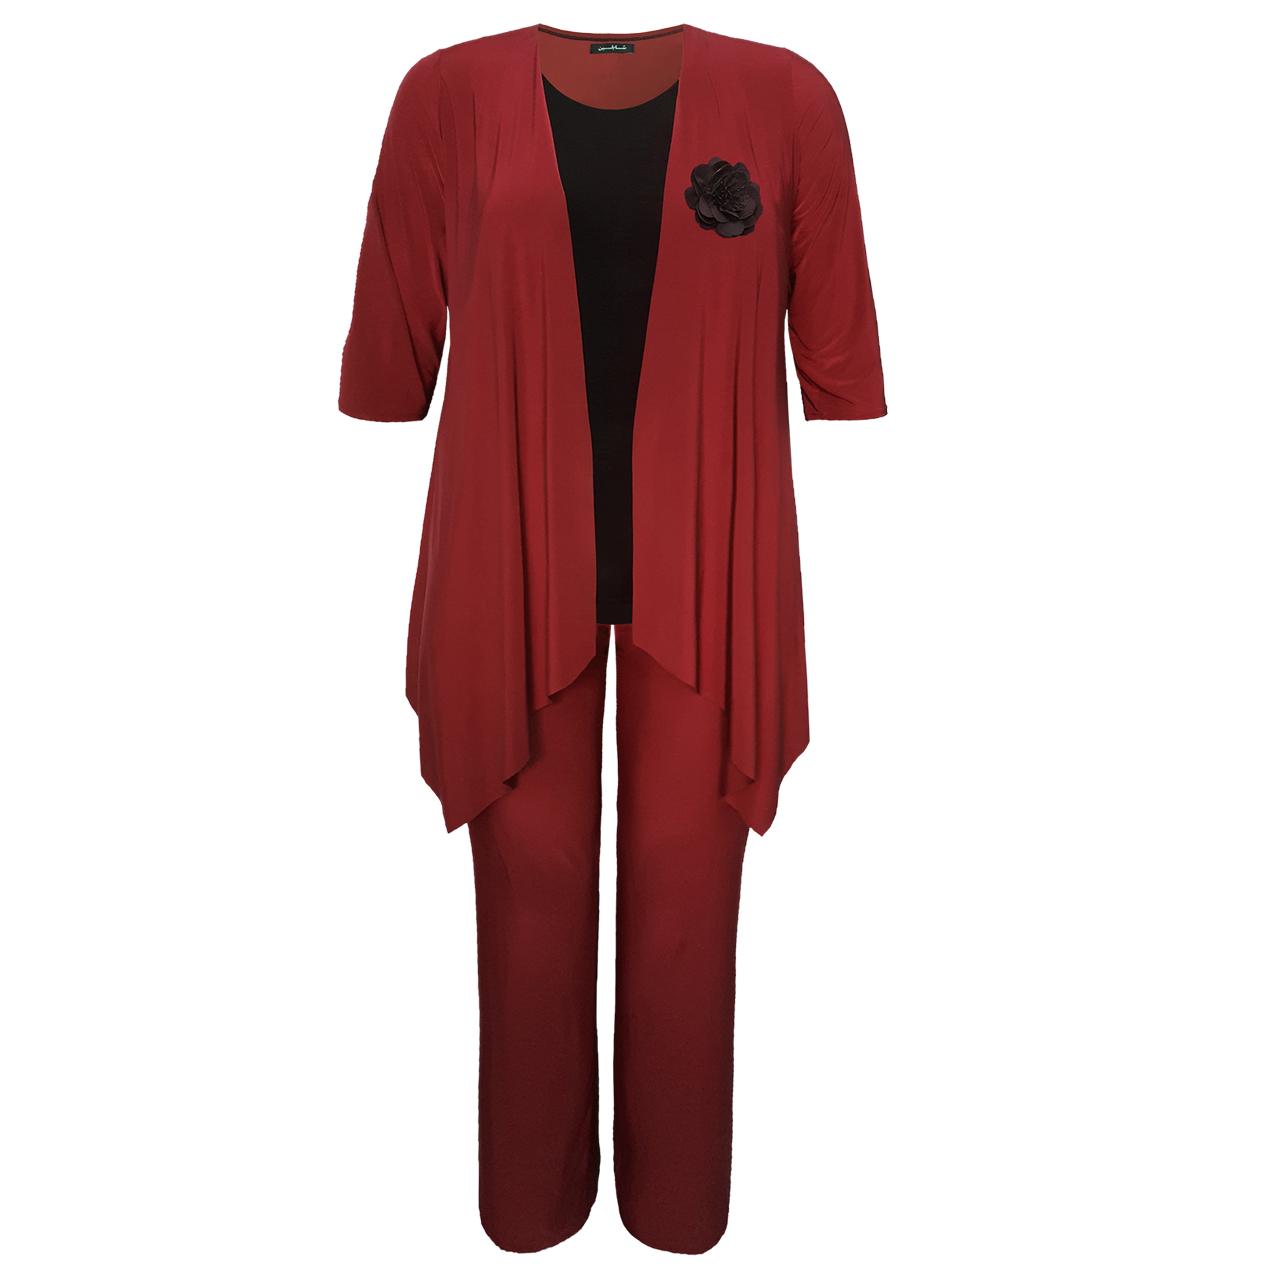 ست 3 تکه لباس زنانه شایلین کد 1168